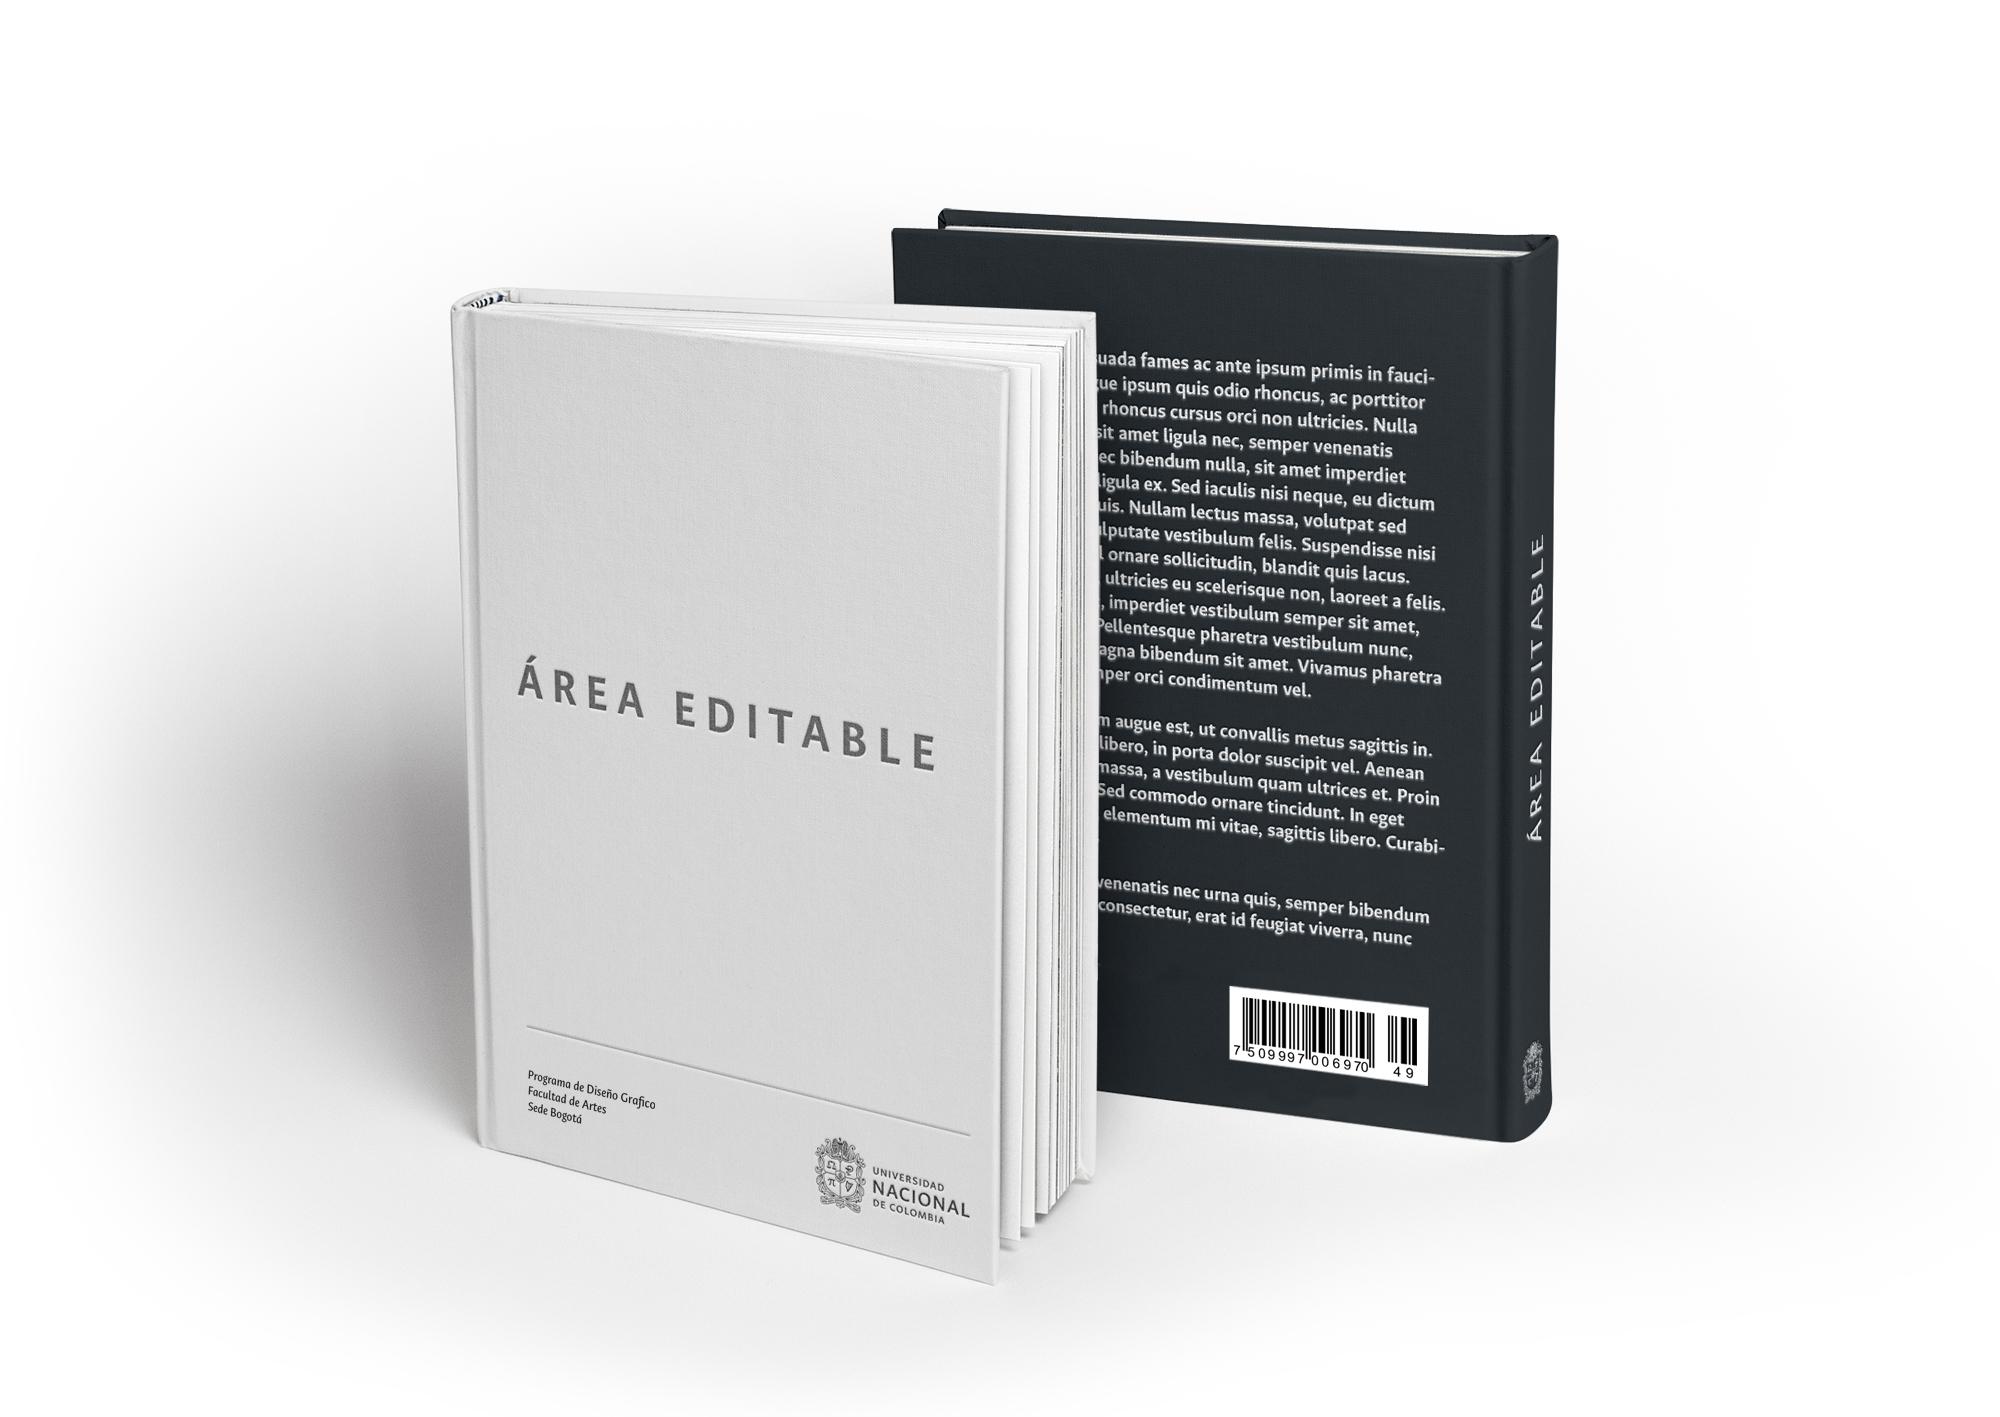 Ejemplo de aplicación en portada y lomo para Libros, Revistas y Cartillas.